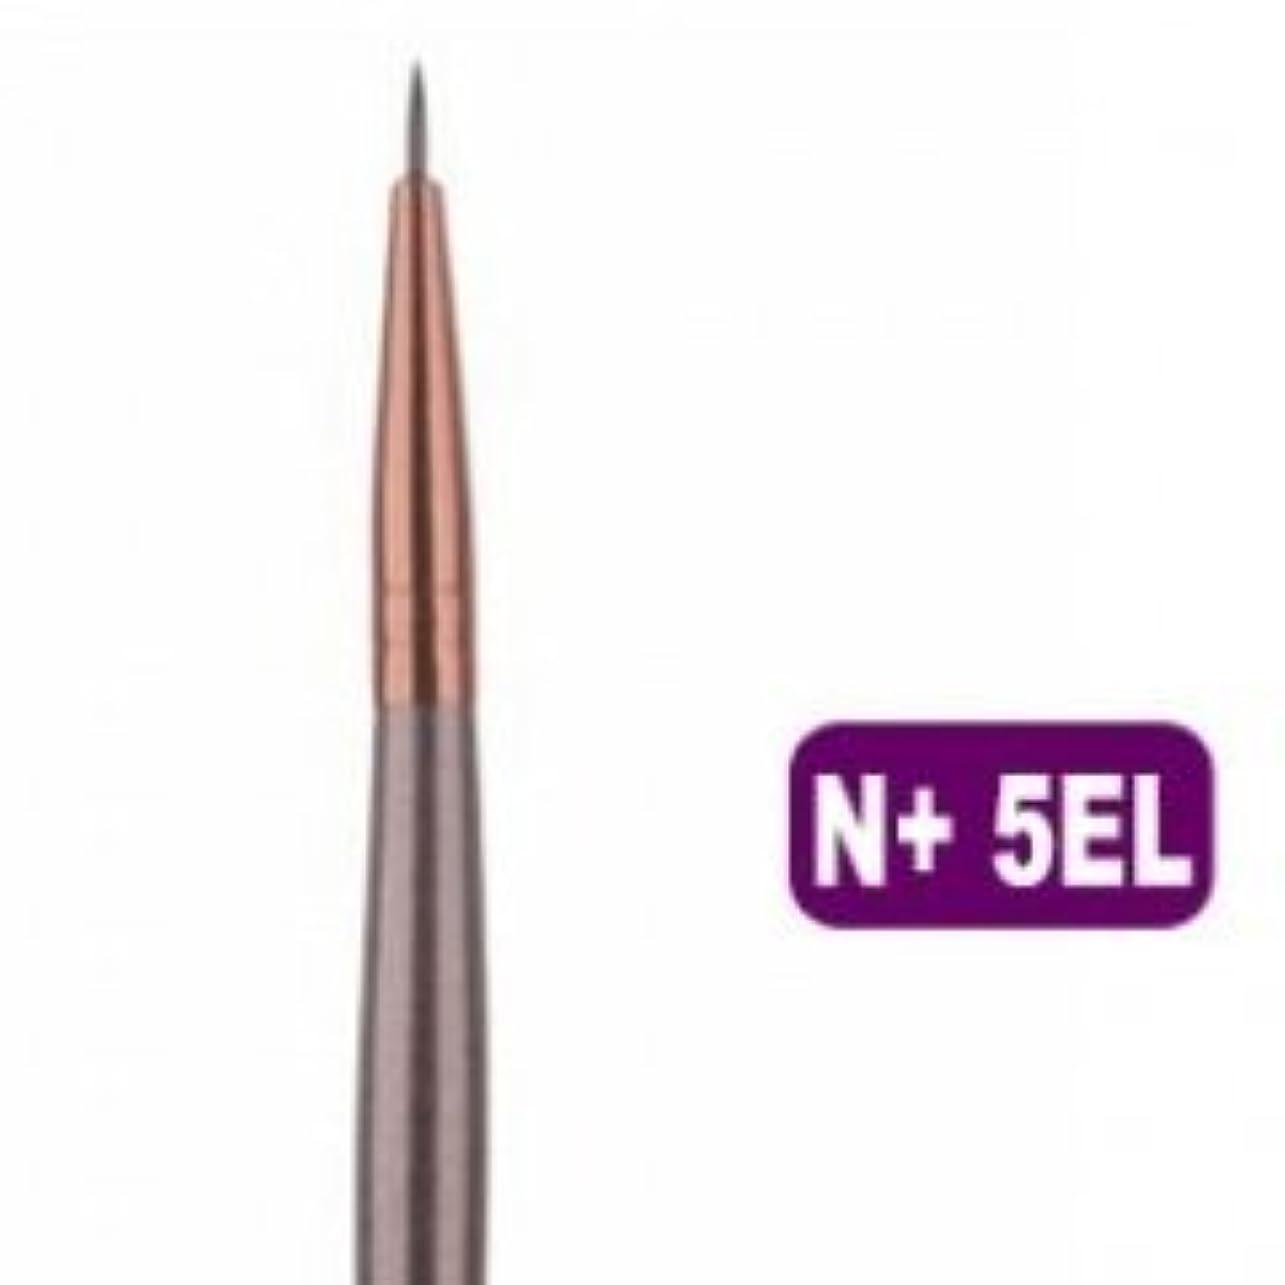 キリスト教適格蓮メイクブラシ 化粧筆 アイラインブラシ 極細 N+ 5EL